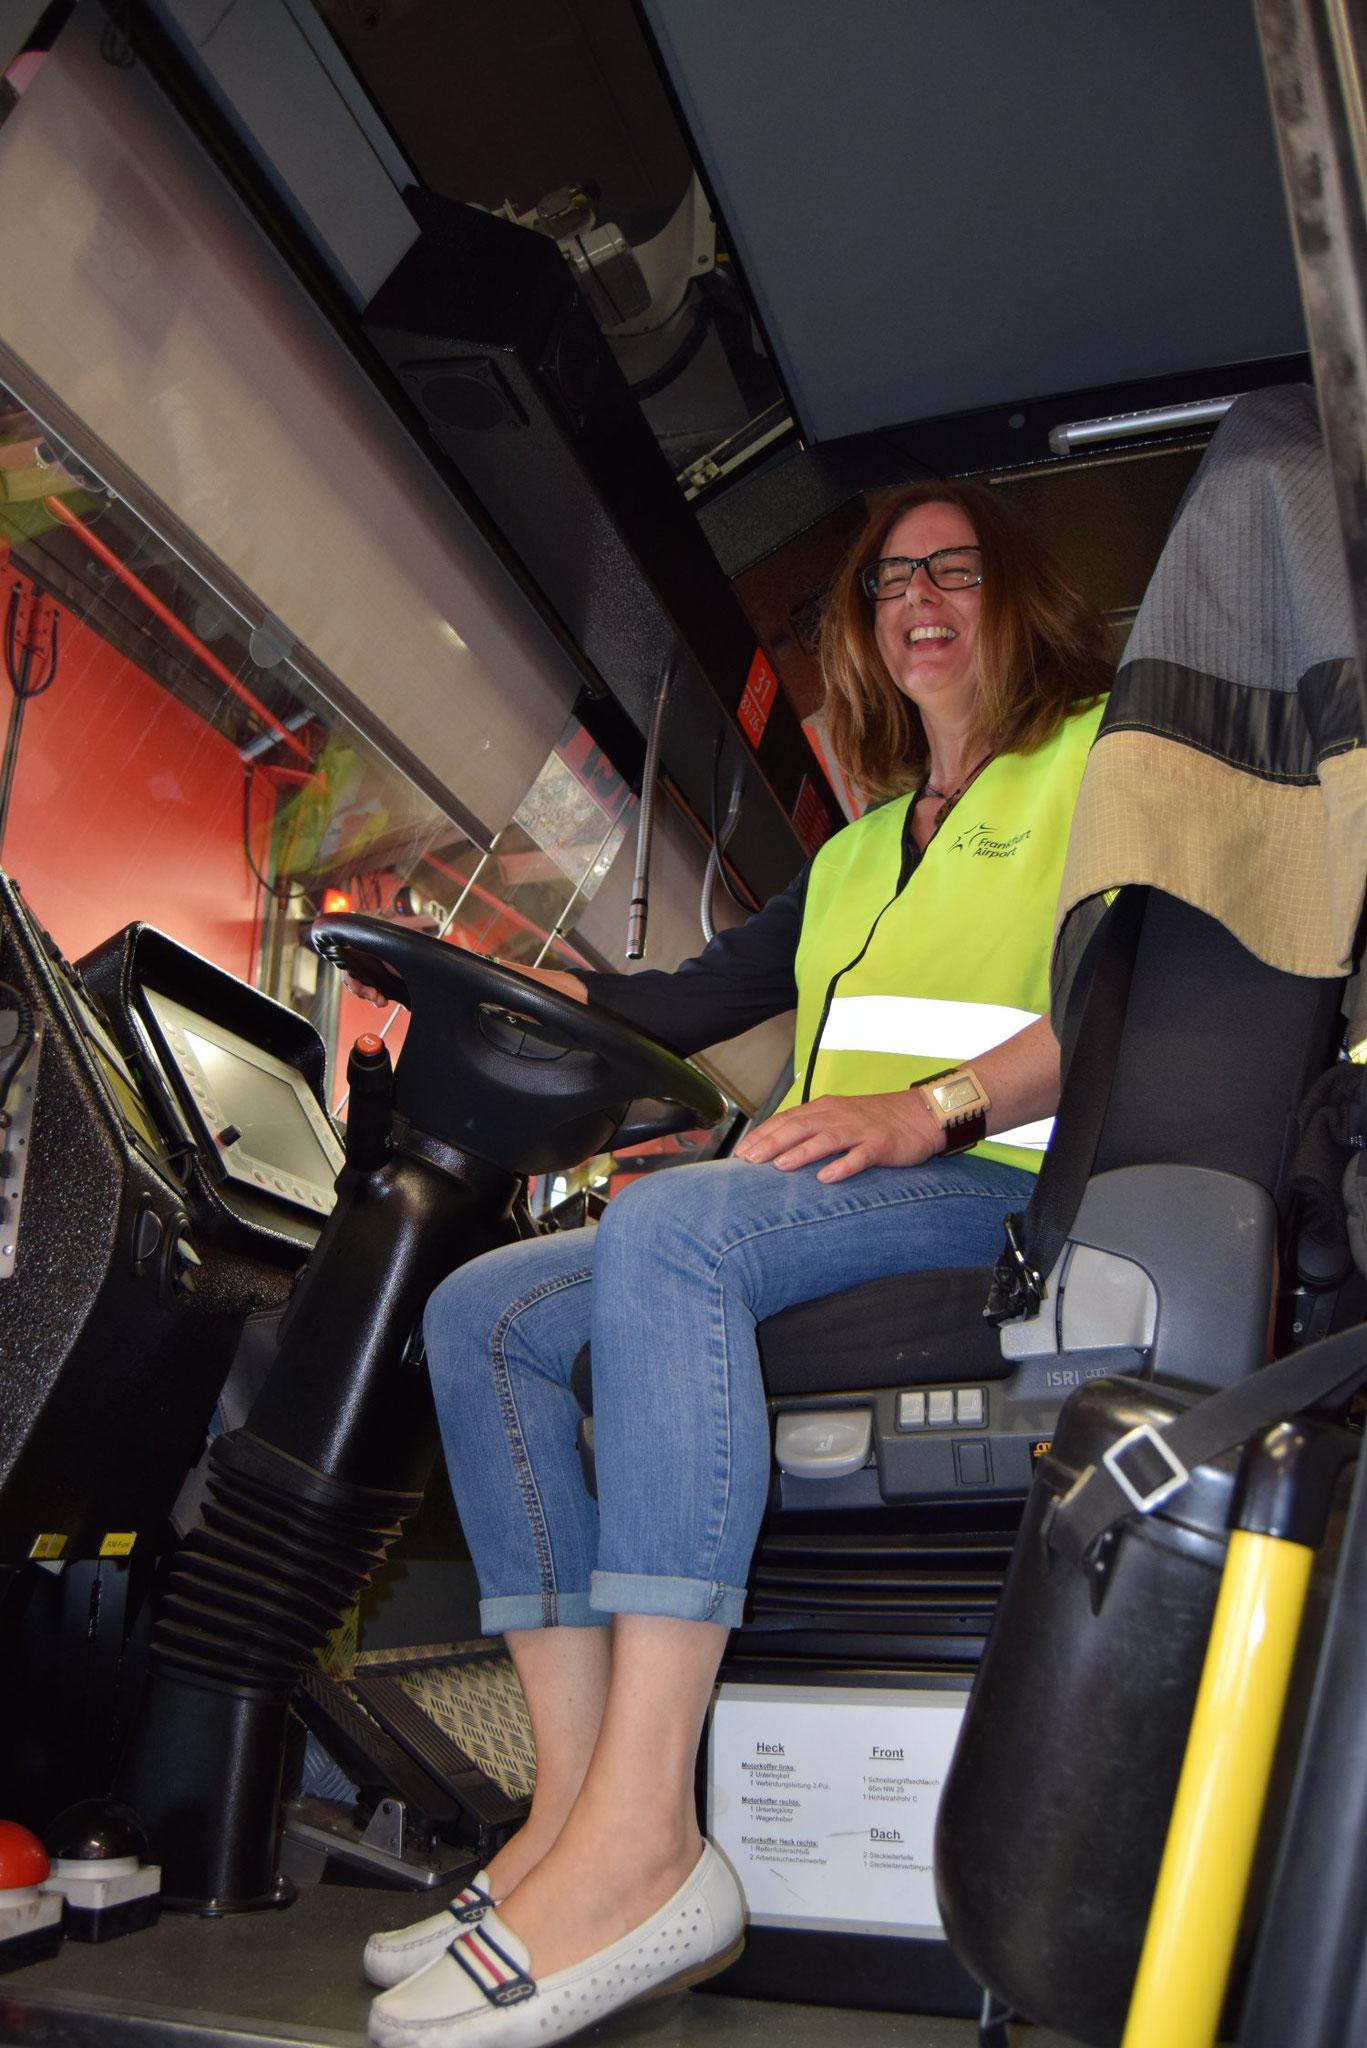 05-17 Eine Dame auf dem mannshochem Führersitz im Feuerwehrauto